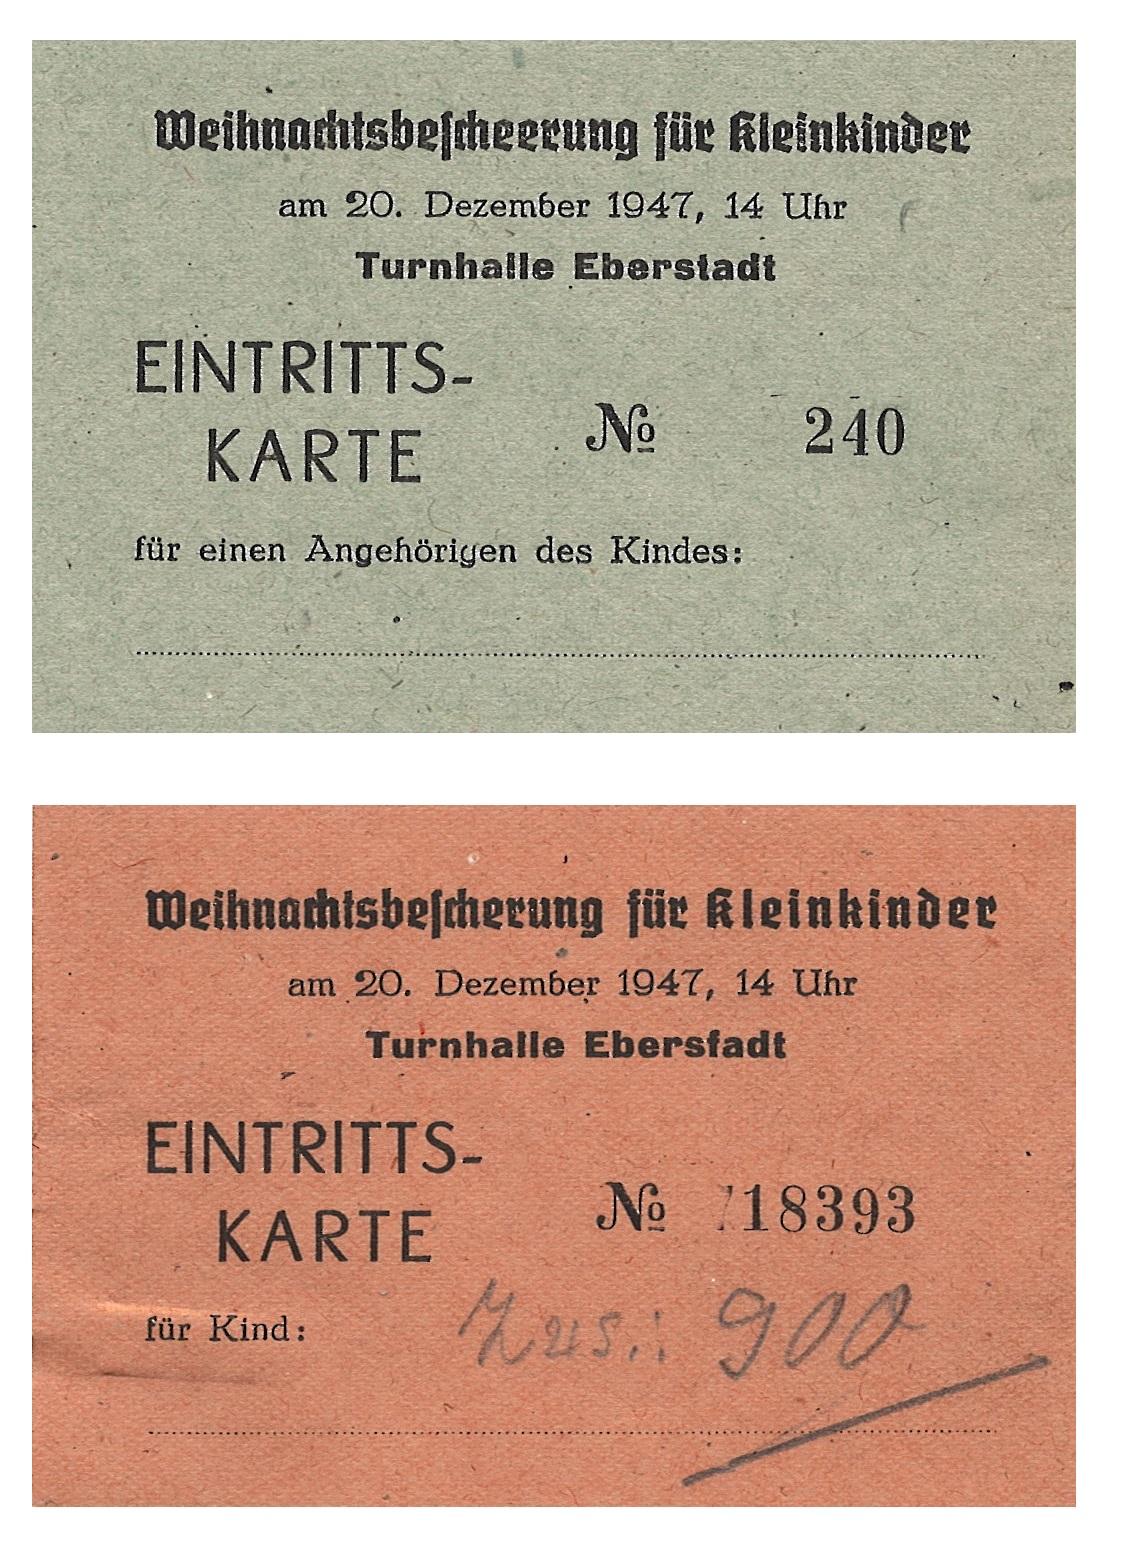 Eintrittskarten für ein Kind und seine Begleitung zur Weihnachtsbescherung für Kleinkinder in der Turnhalle Eberstadt, 1947, StadtA DA Best. 201